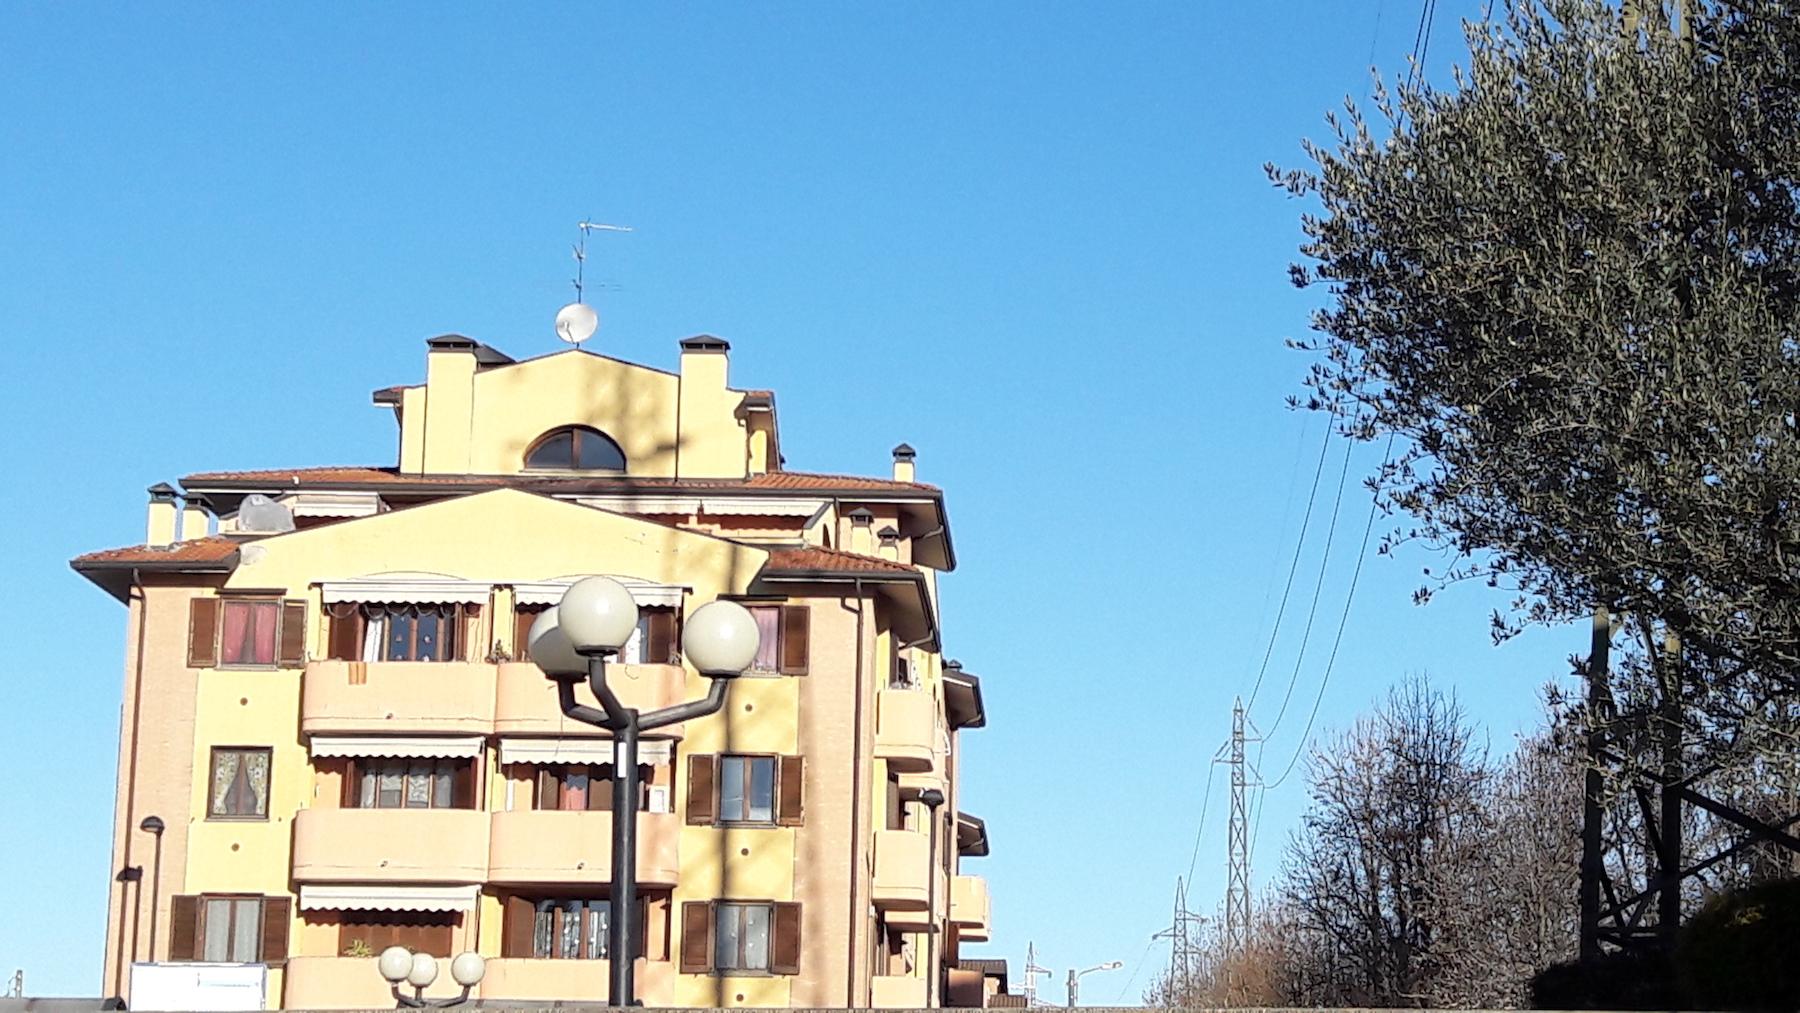 Pulizie condominiali Verona: L'Igienica, garanzia di Qualità